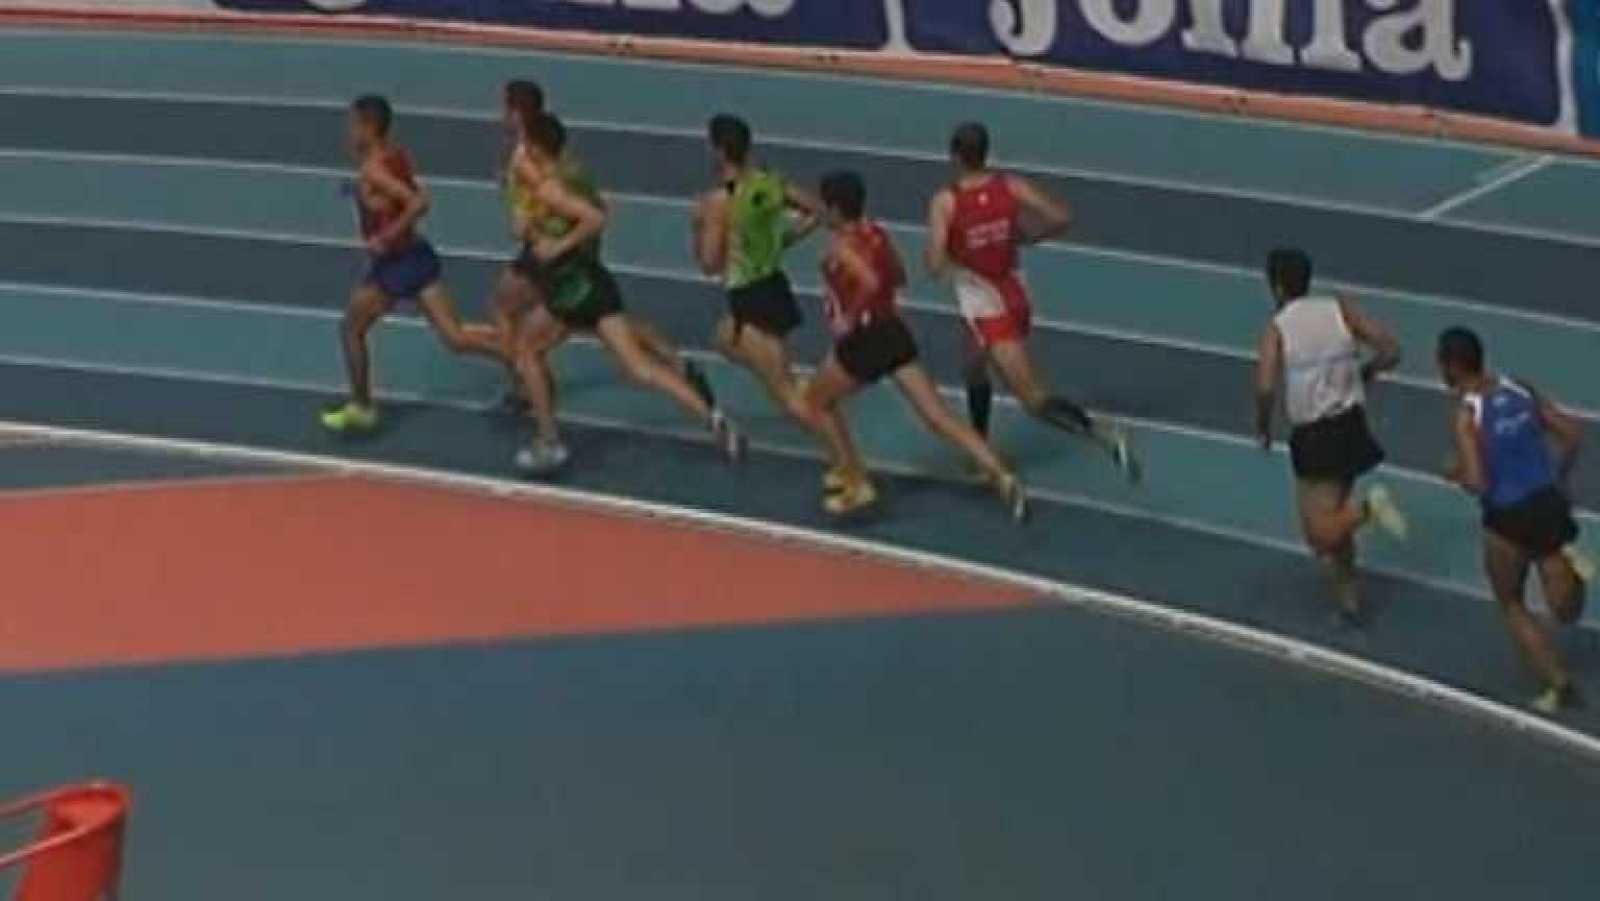 Atletismo - Copa del Rey y la Reina en pista cubierta - Ver ahora